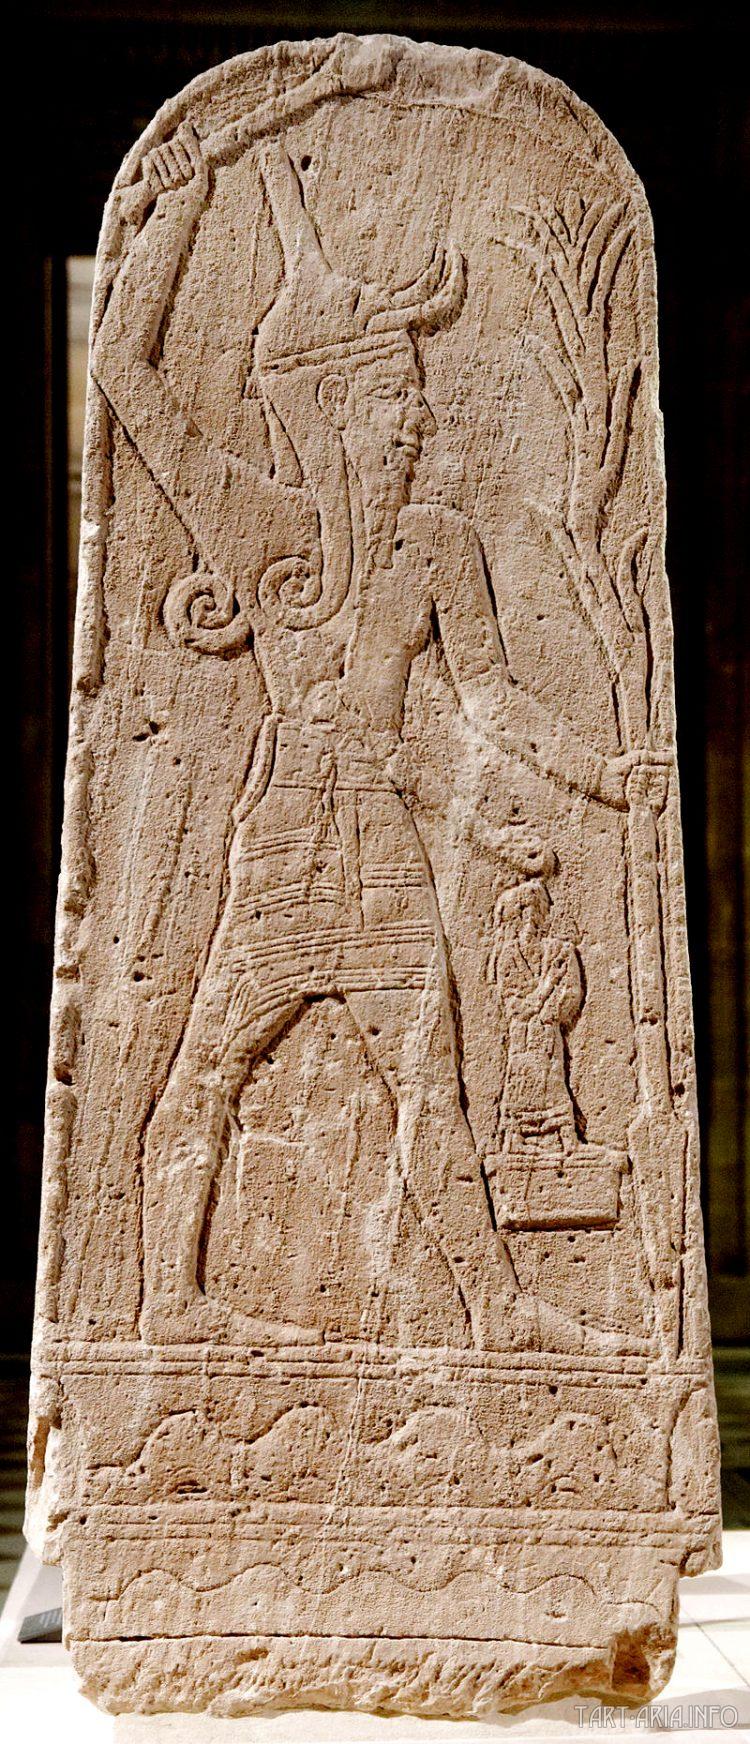 Baal Canaanite god